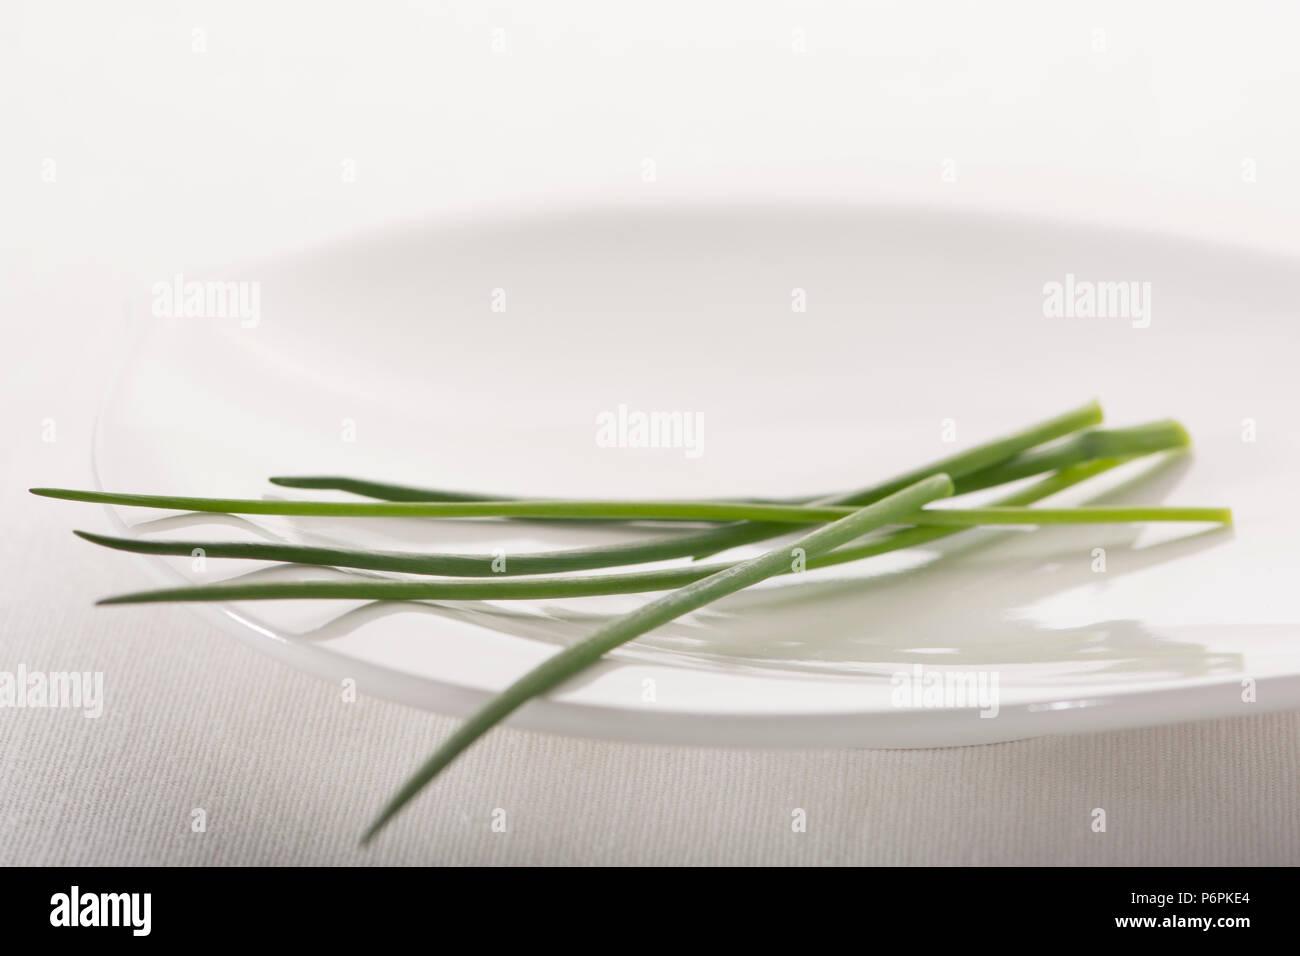 Datazione erba cipollina